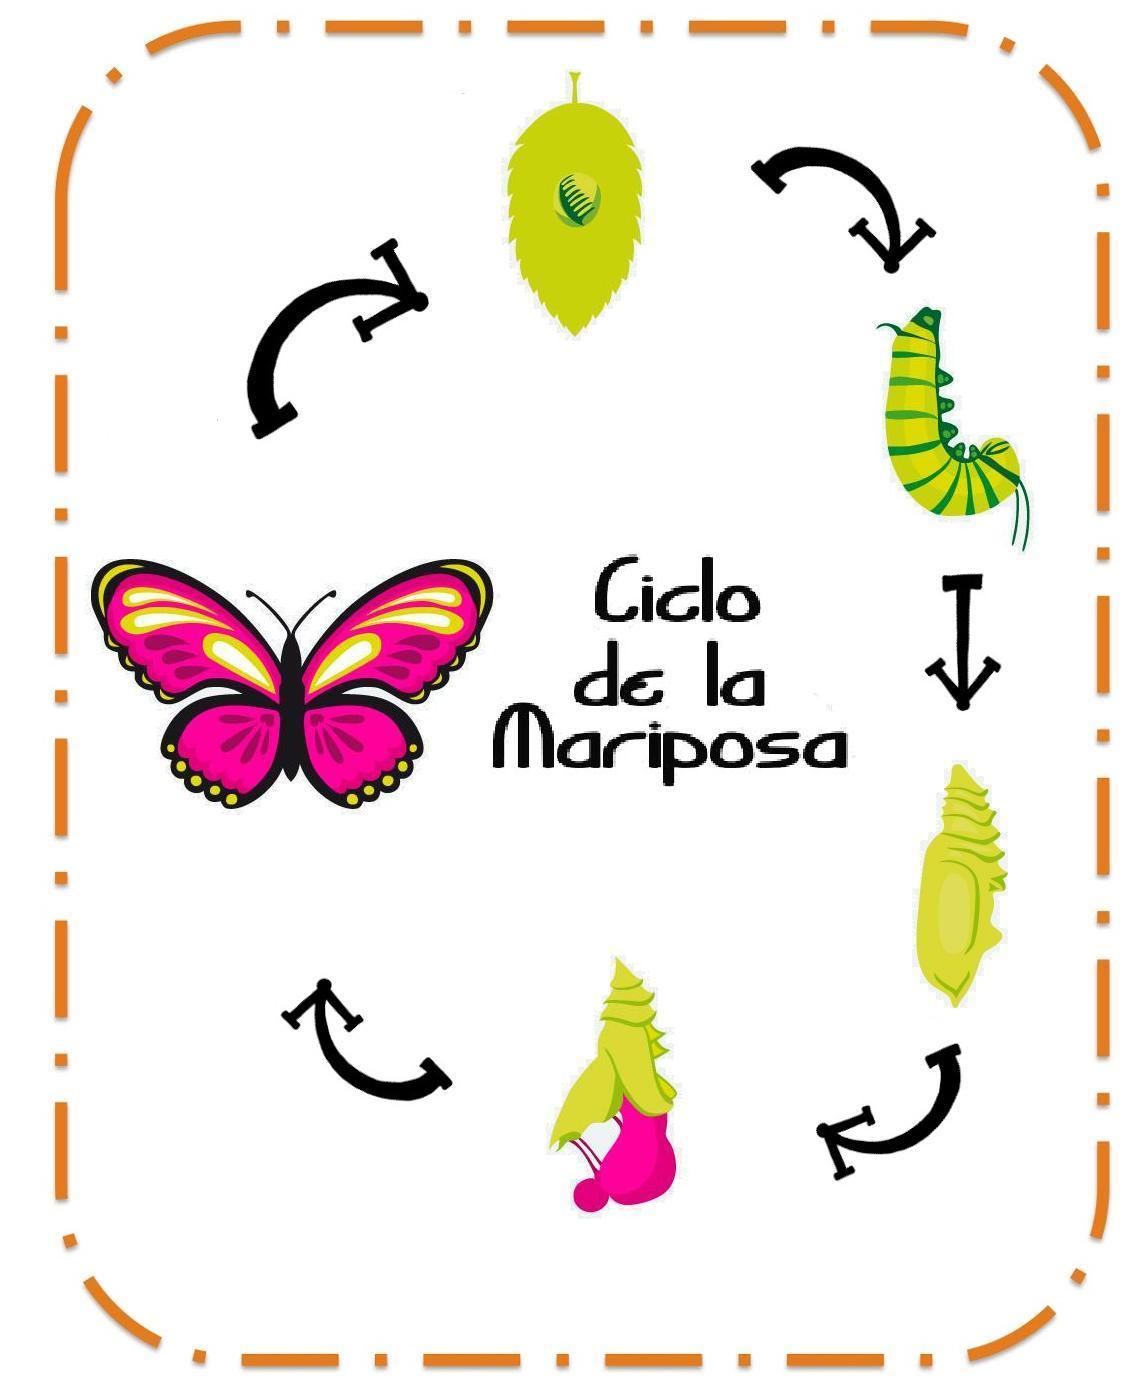 la vida mariposa: